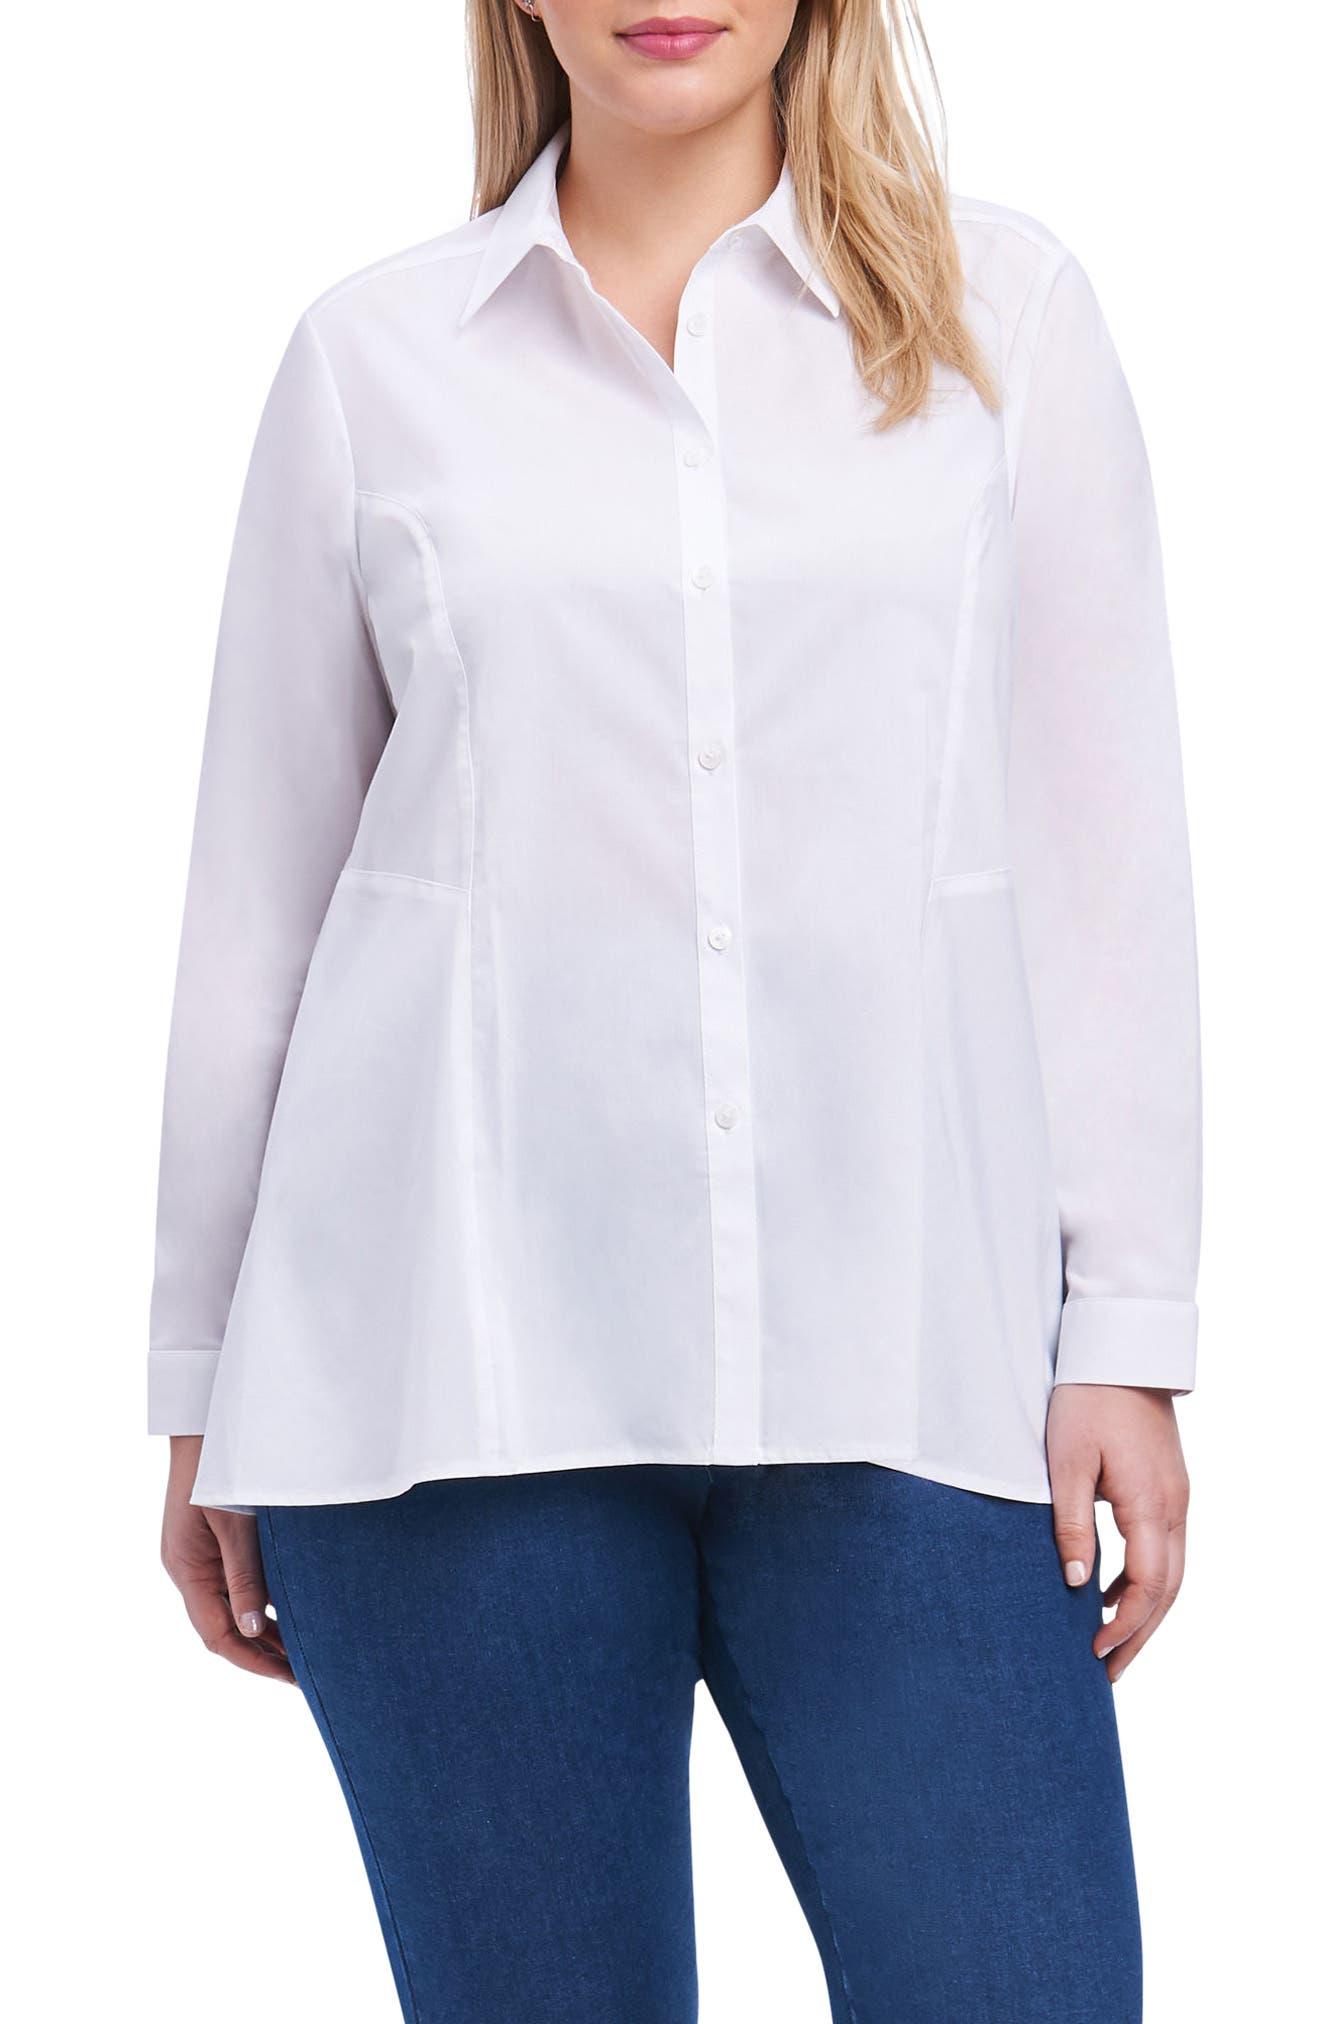 Portia Stretch Button Down Shirt,                             Main thumbnail 1, color,                             100